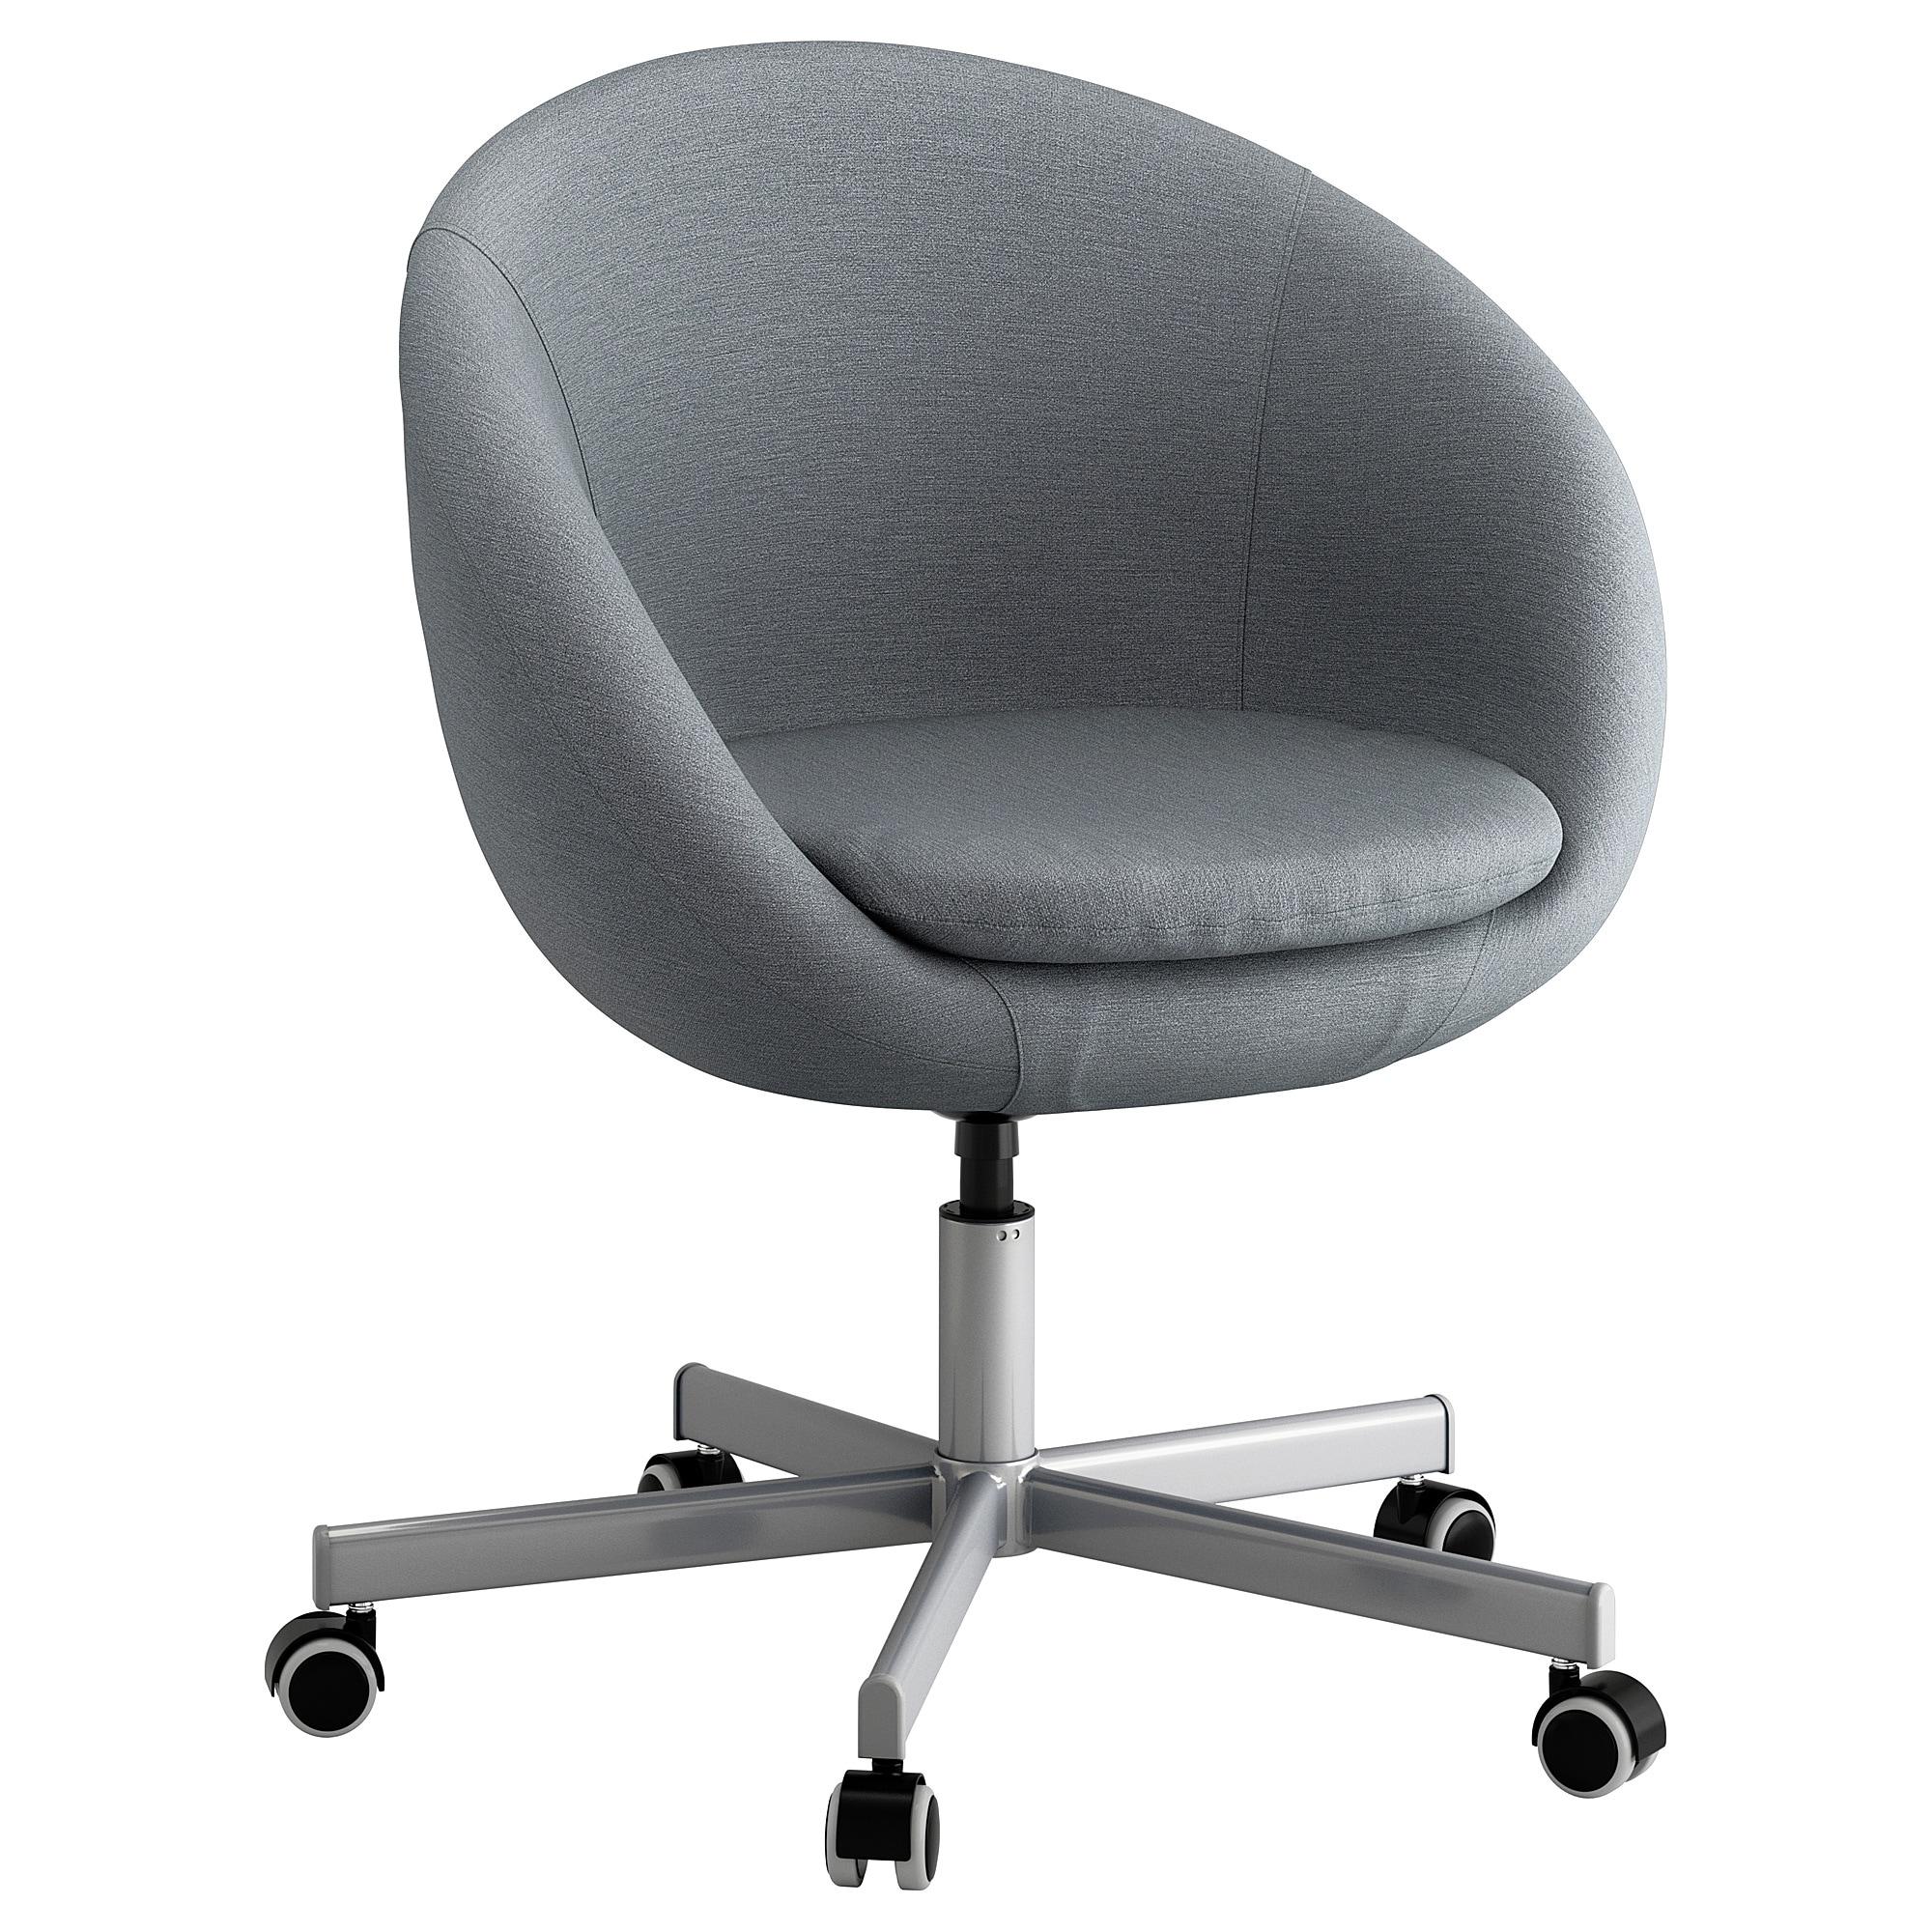 Sillas De Despacho Ikea Dwdk Sillas De Oficina Y Sillas De Trabajo Pra Online Ikea